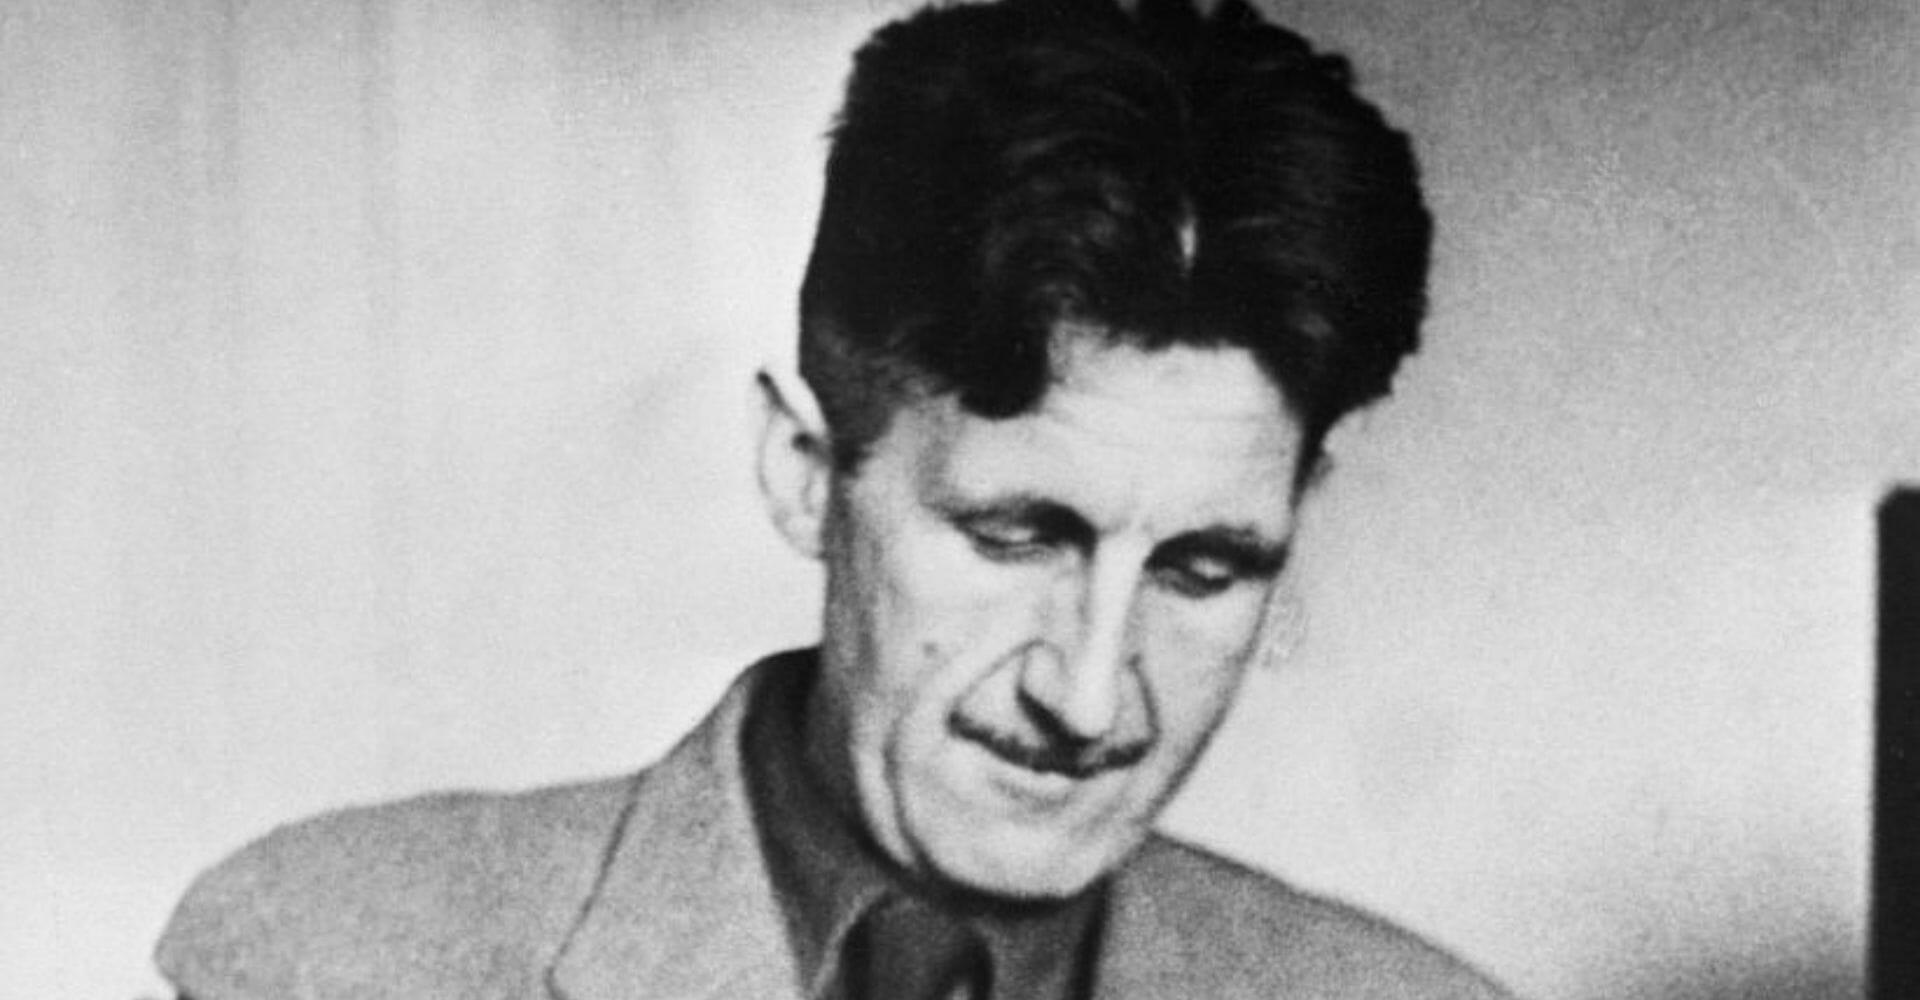 Tradurre e rileggere George Orwell oggi: quattro riflessioni d'autore